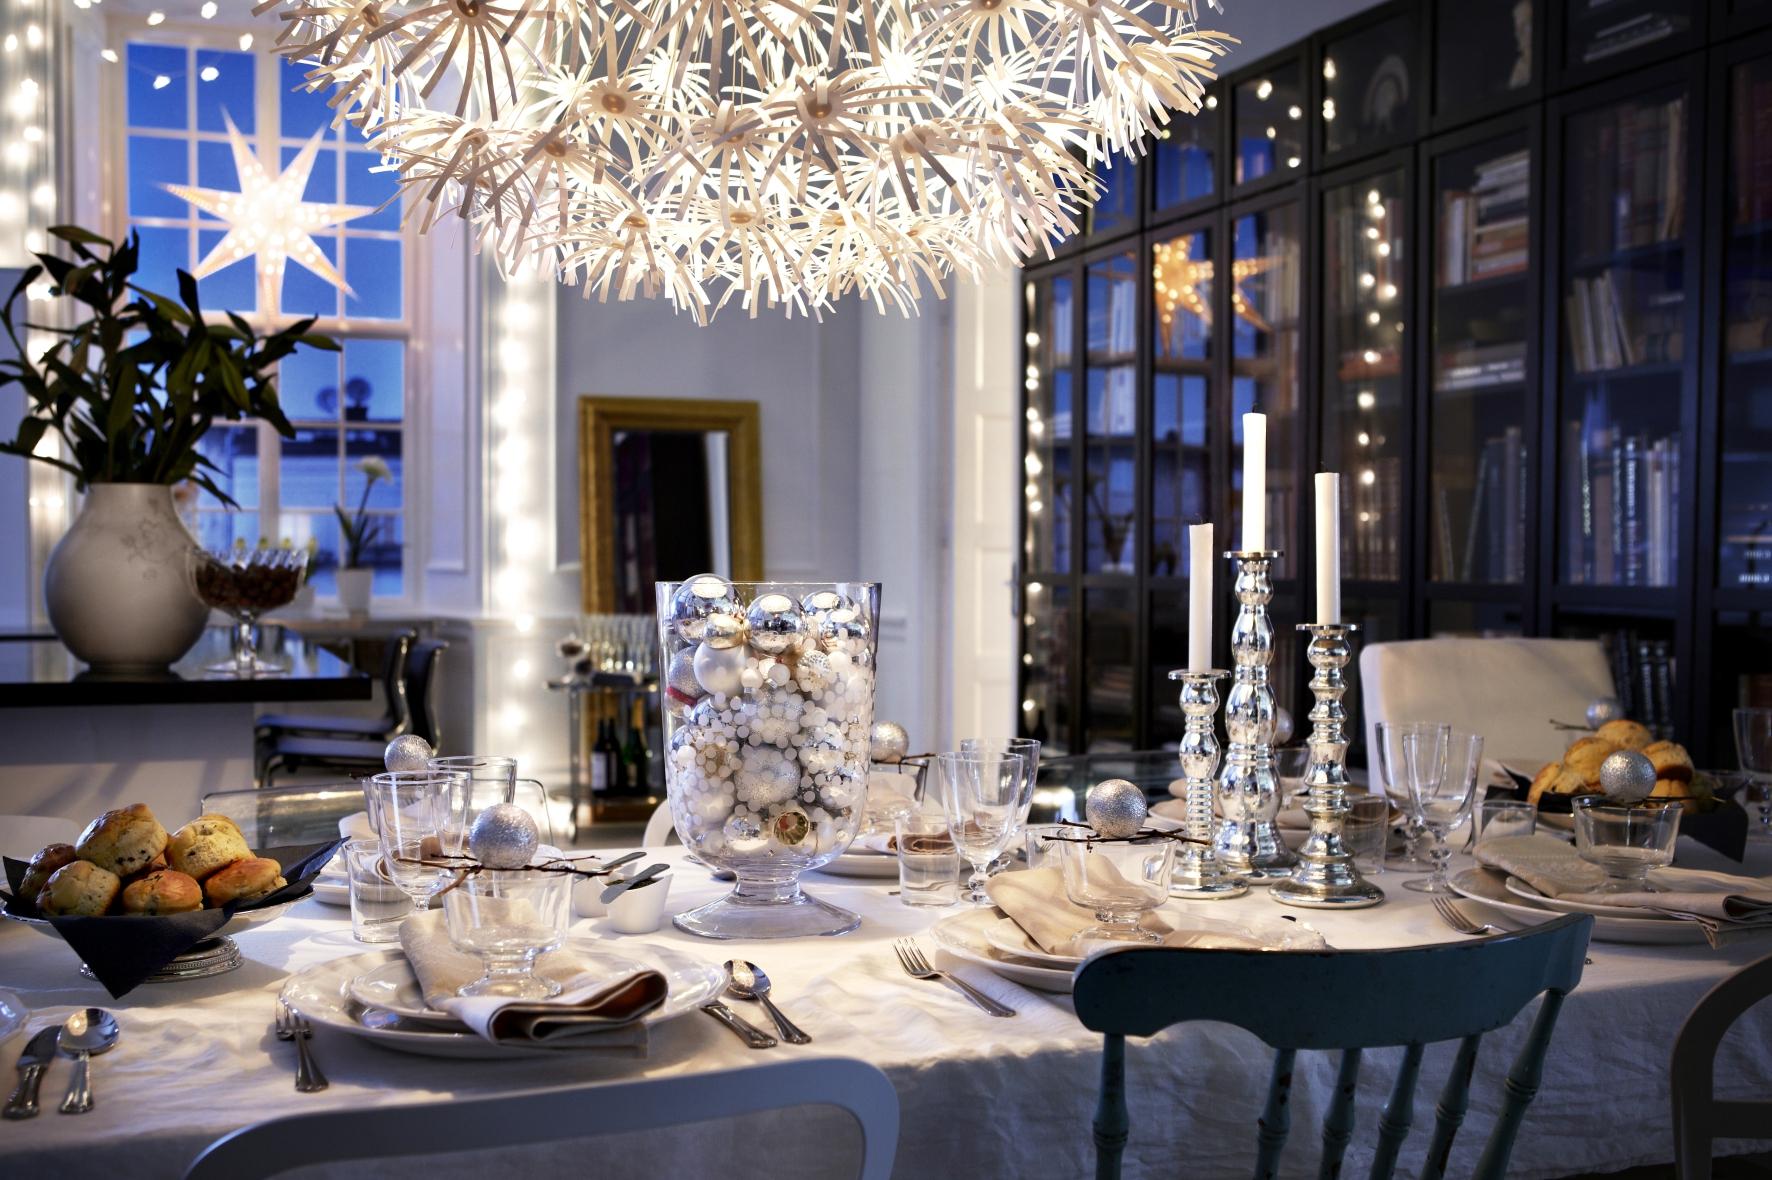 Julstämning pÃ¥ IKEA ‹ Dansk inredning och design